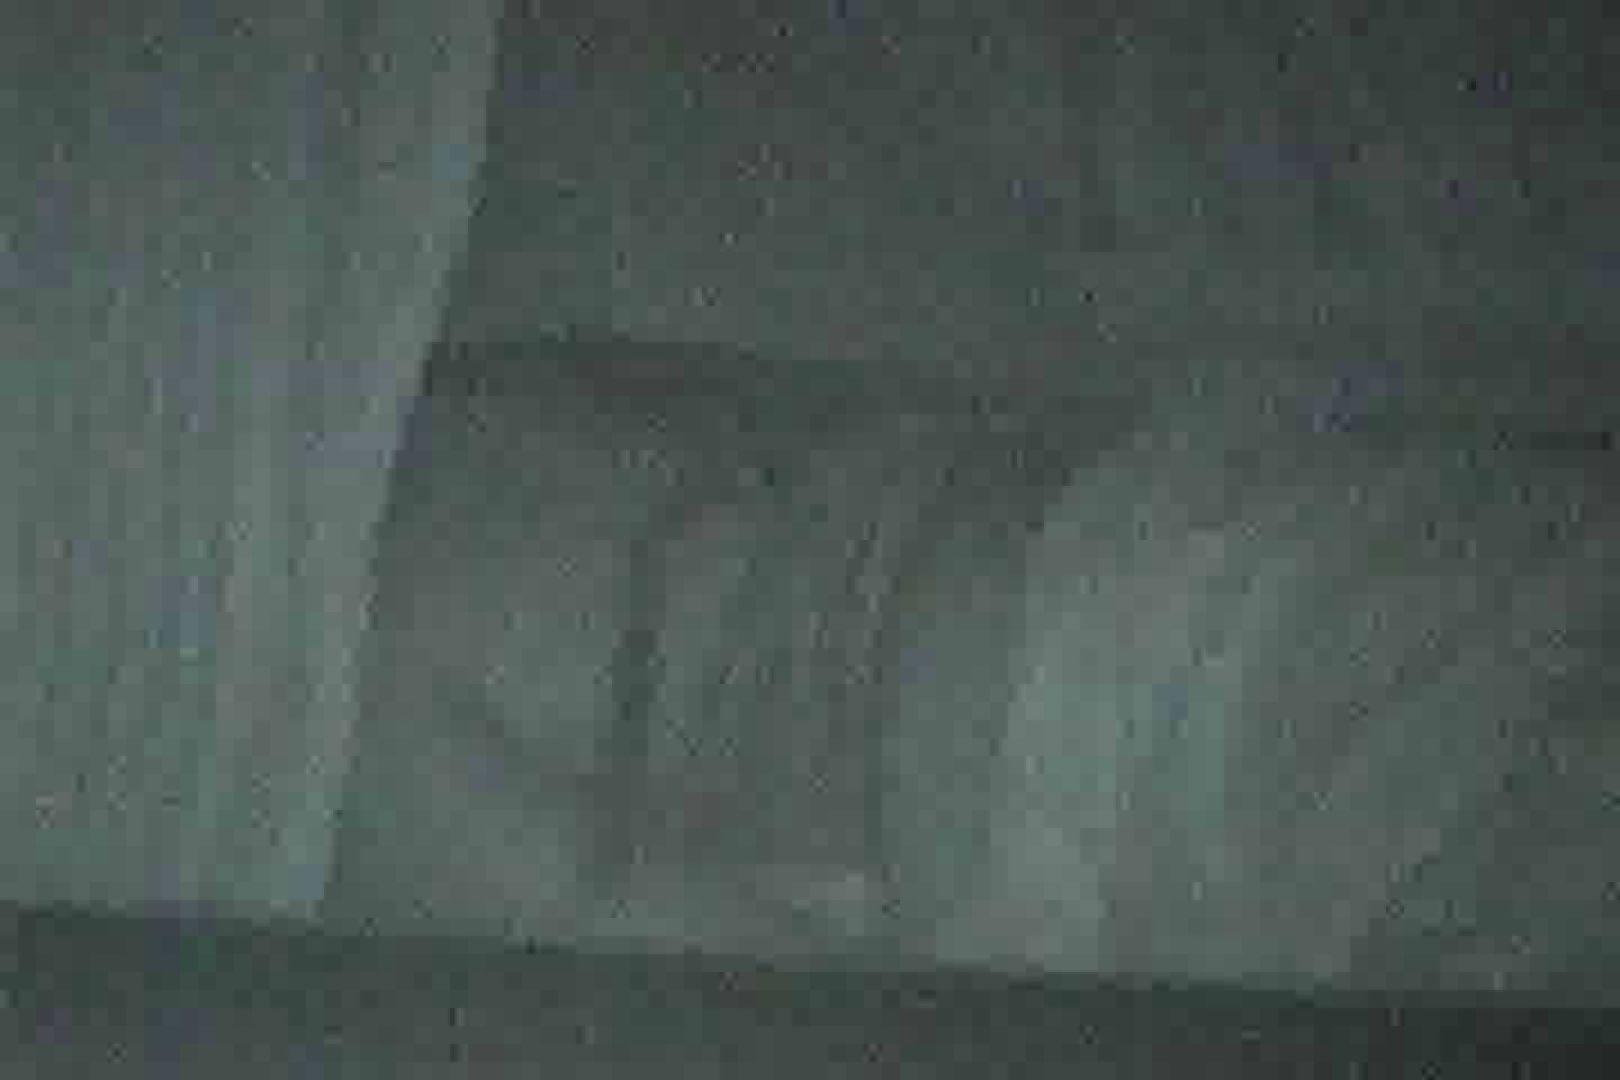 充血監督の深夜の運動会Vol.102 OLエロ画像 盗撮AV動画キャプチャ 95PICs 62